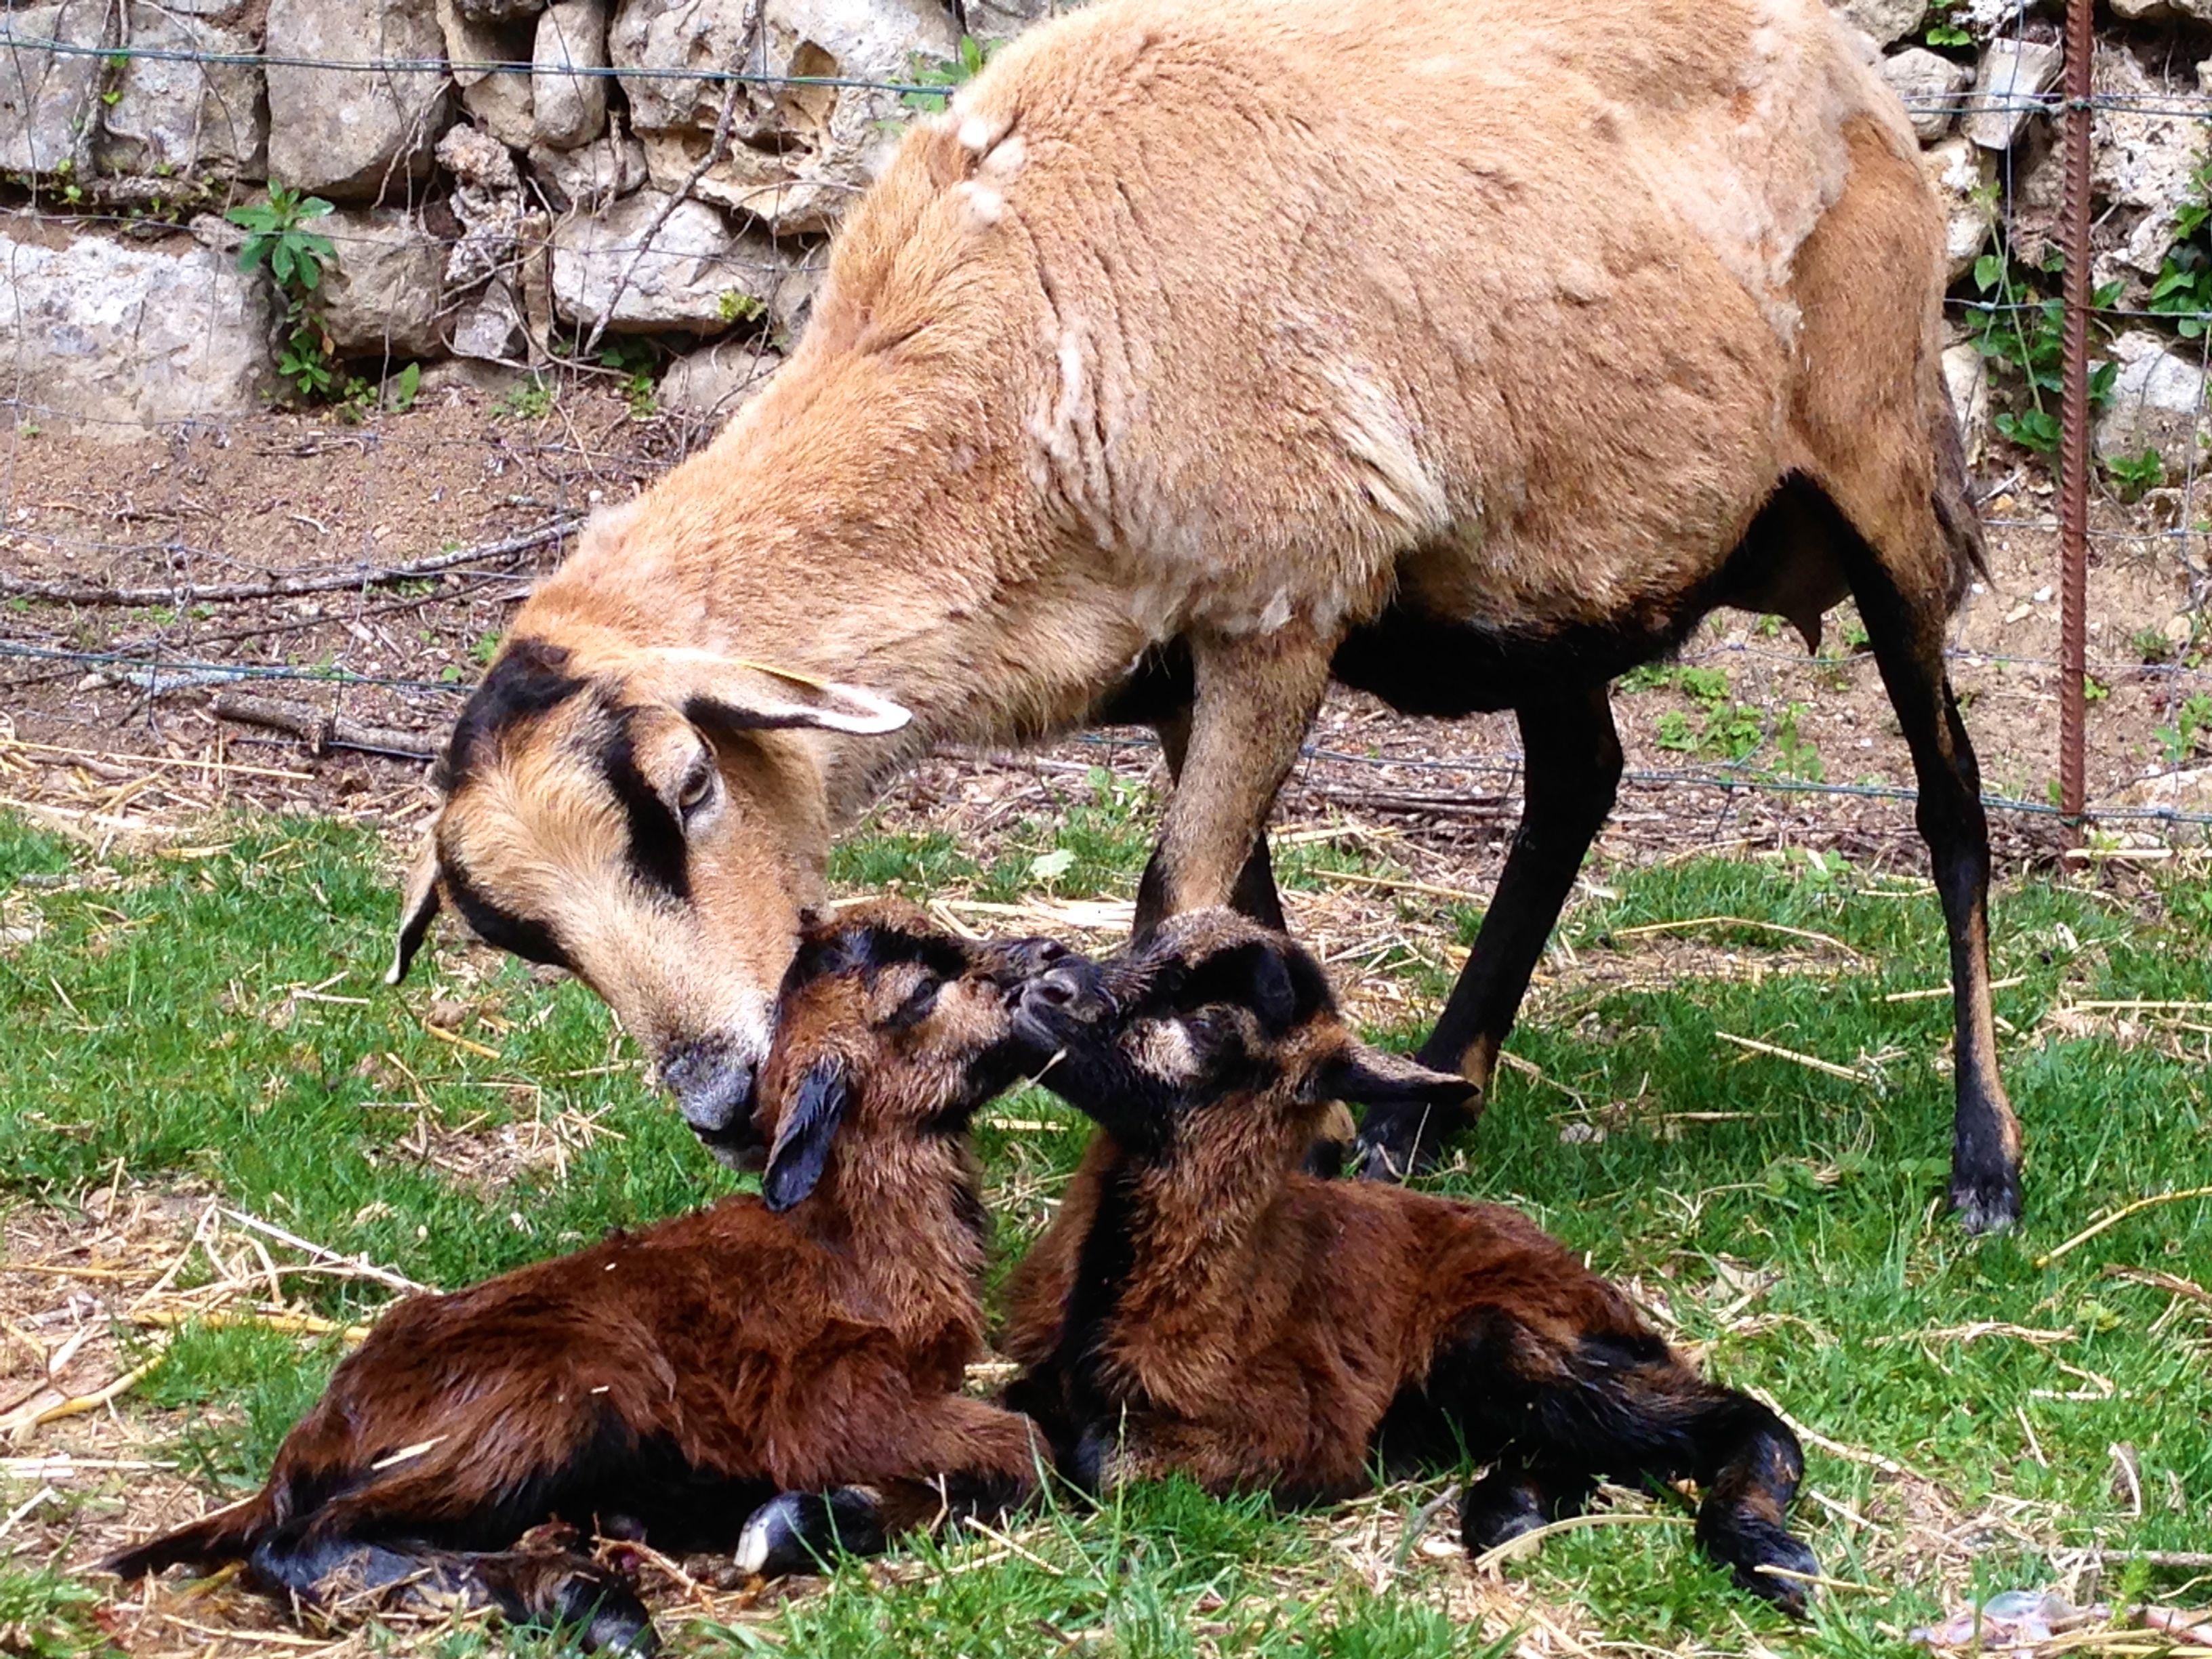 Les moutons du cameroun